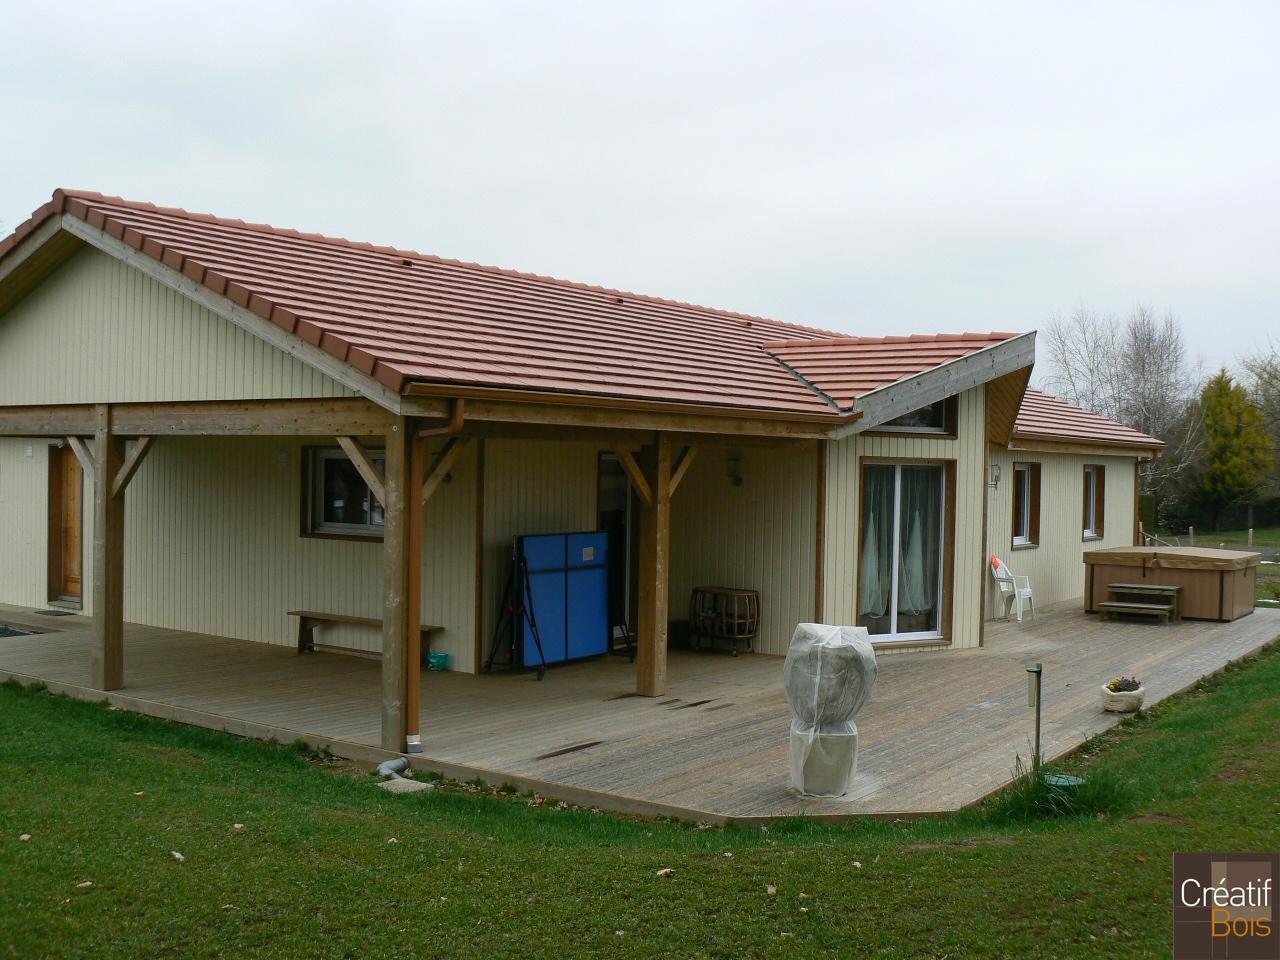 Bois  Galerie  Créatif Bois réalisation de terrasses en bois